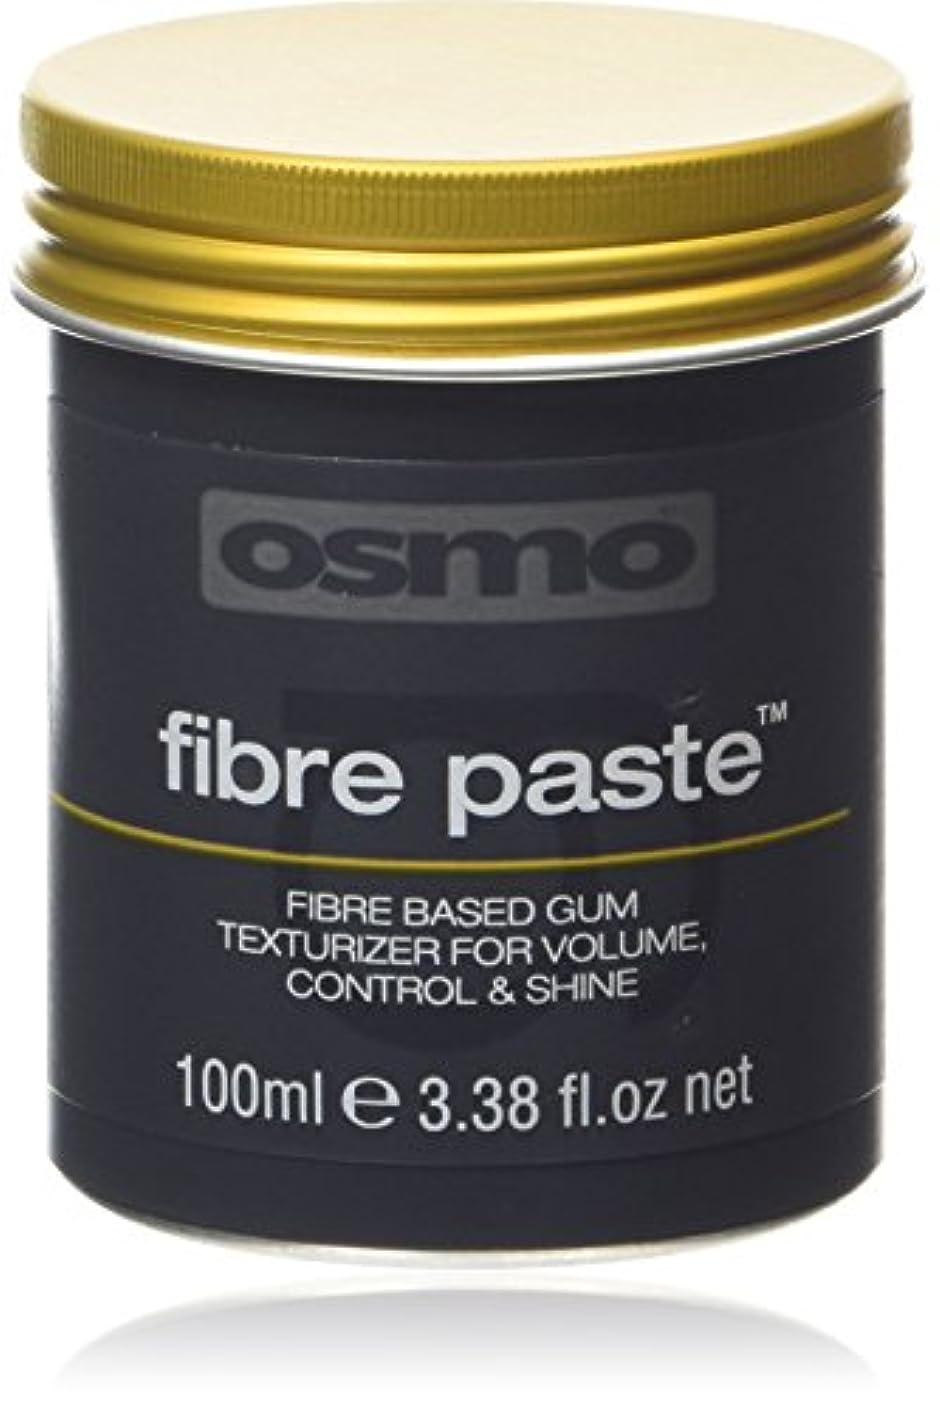 失望ハンサム訴えるアレス OSMO グルーミングヘアワックス ファイバーペースト 100ml